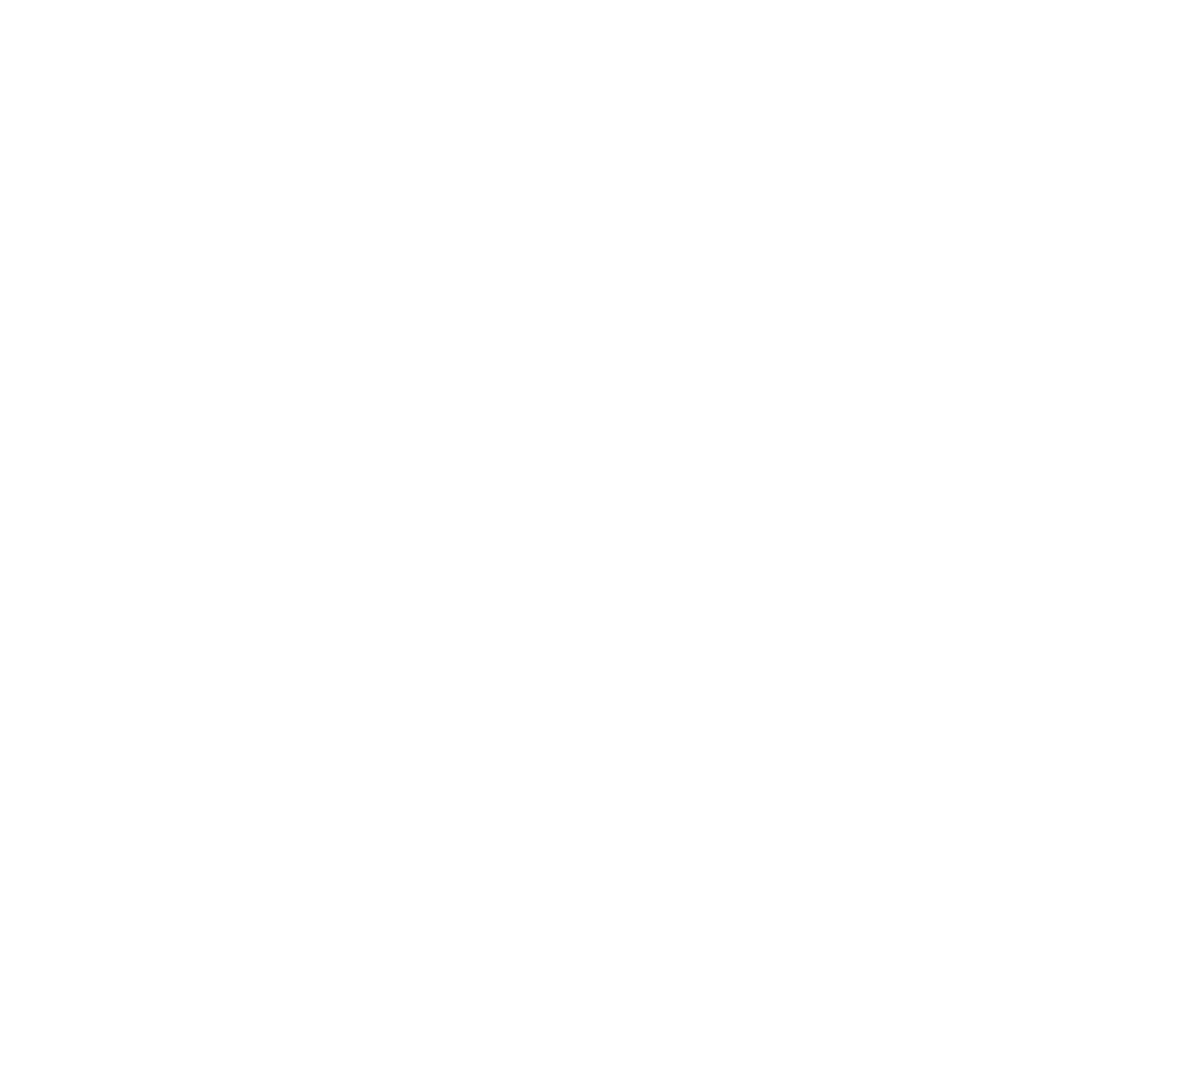 White_Coding Audits-2